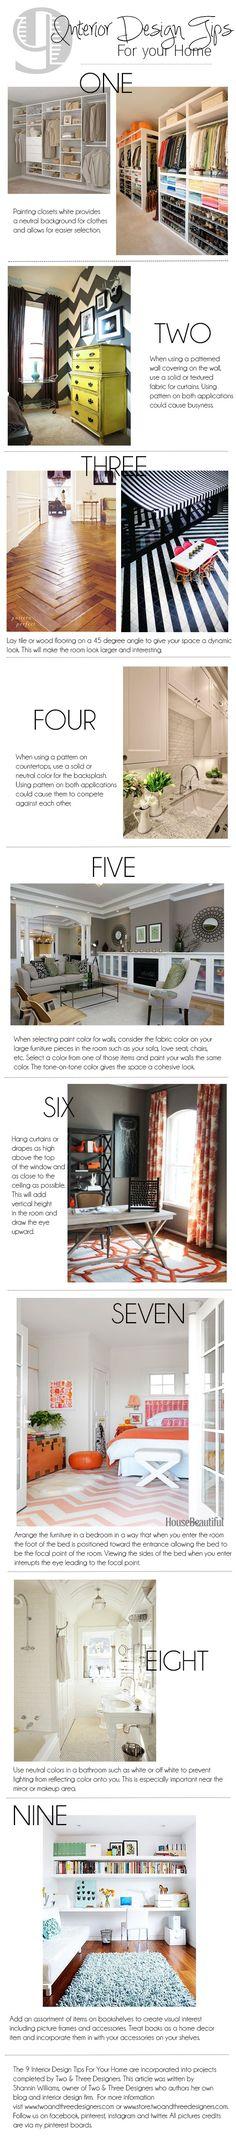 9 Interior Design Tips for your Home from Two & Three Designers. decor, idea, three design, futur, interior design tips, interiors, hous, homes, diy